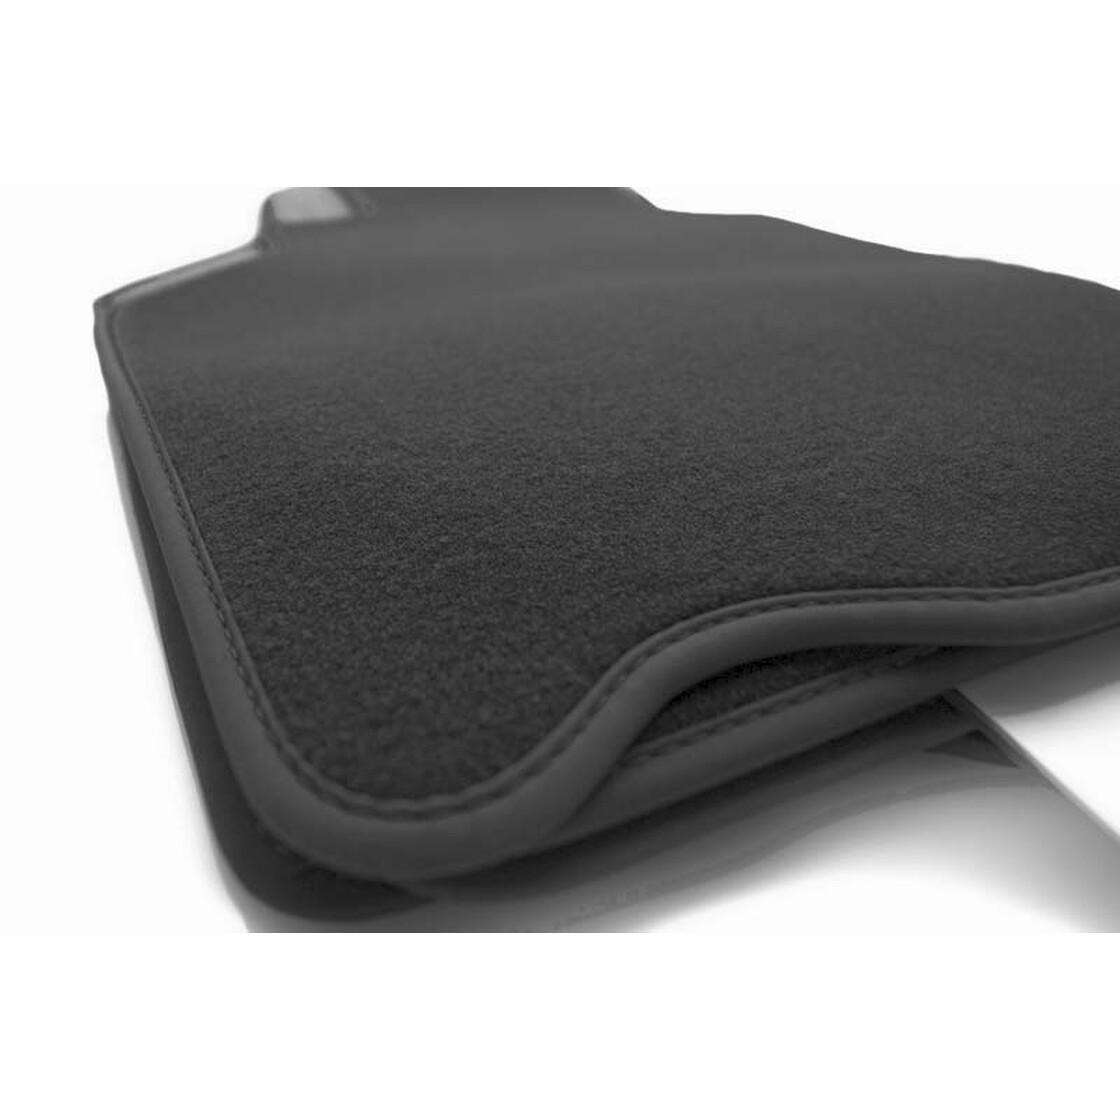 porsche 911 997 fu matten original ab 29 online kaufen. Black Bedroom Furniture Sets. Home Design Ideas